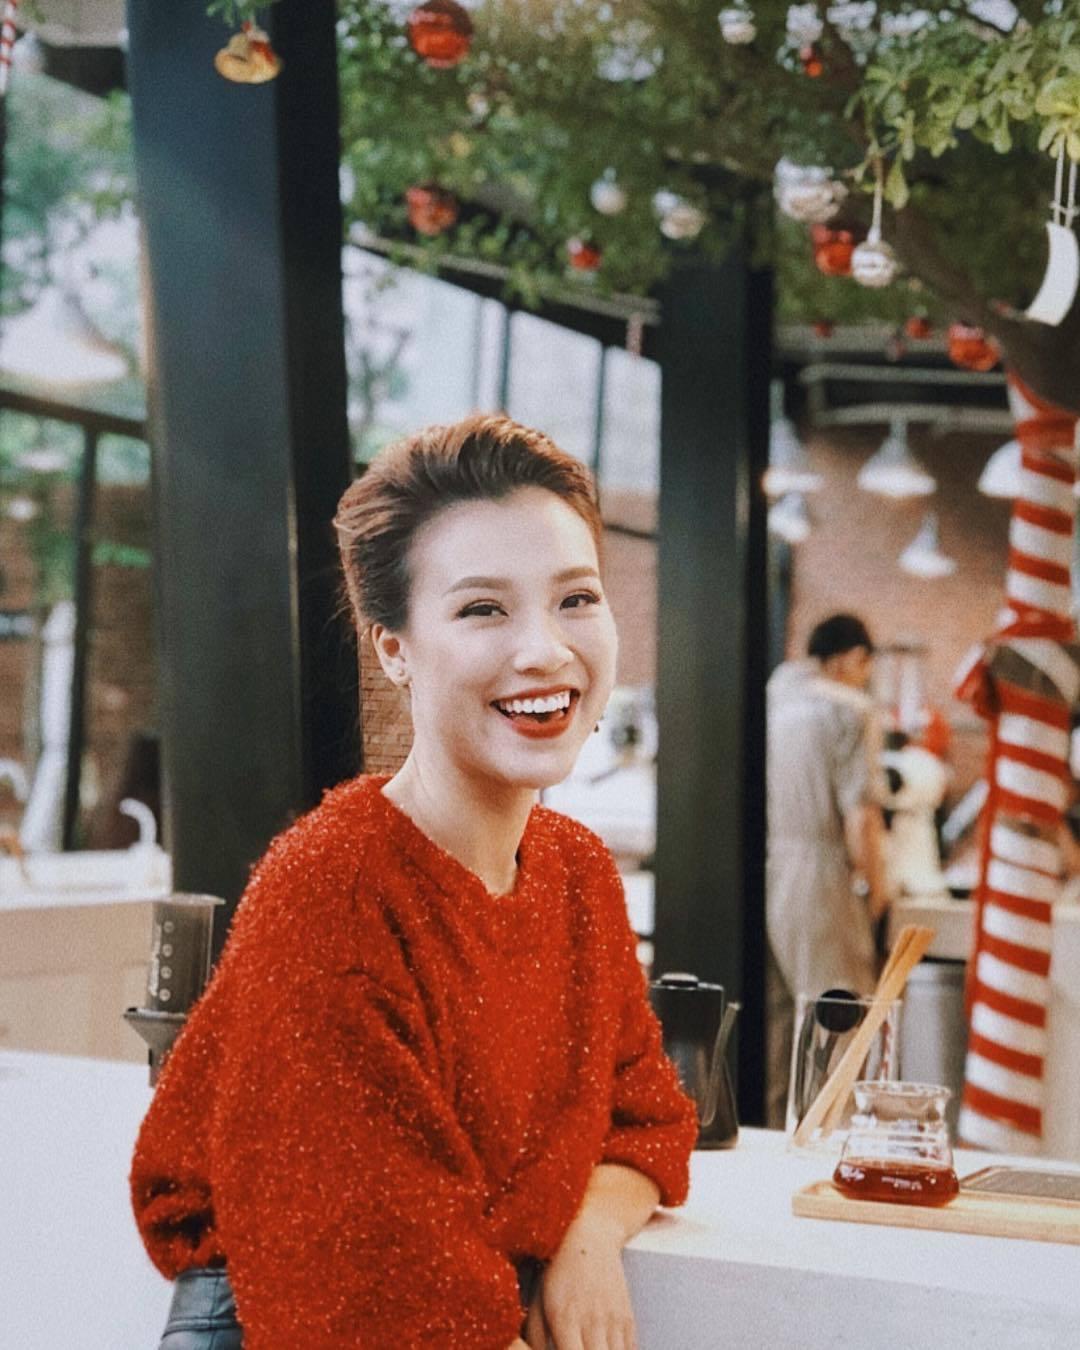 """MC Hoàng Oanh diện áo màu đỏ để được gặp may mắn trong năm 2019. Cô tâm sự: """"Năm 2019 Oanh chọn hạnh phúc. Còn bạn thì sao?"""""""